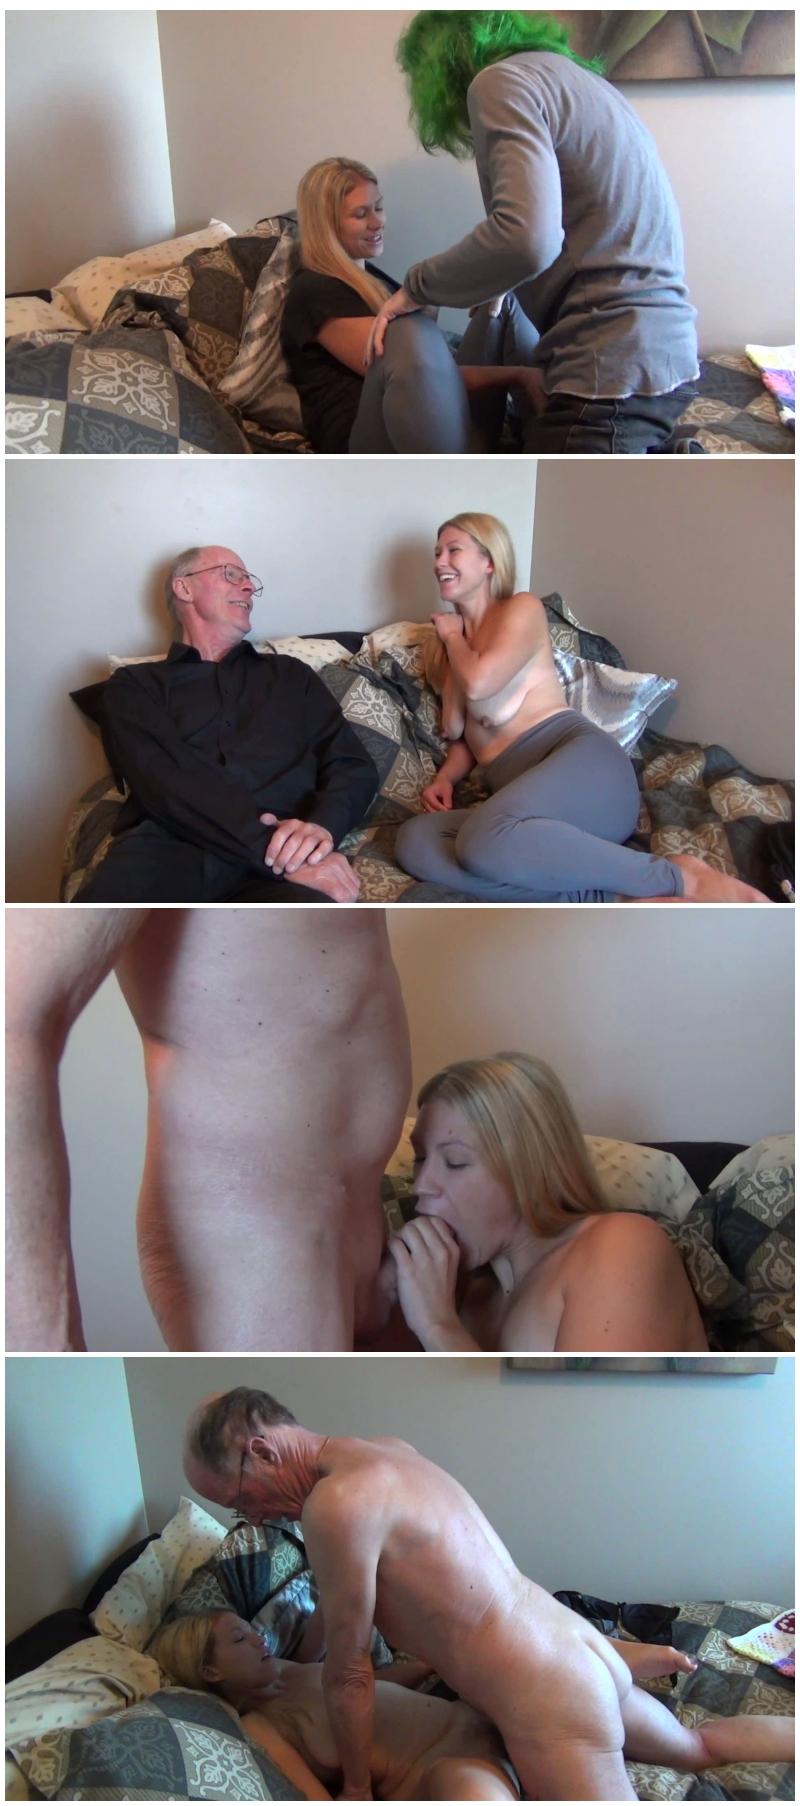 Tabooporn pornos female